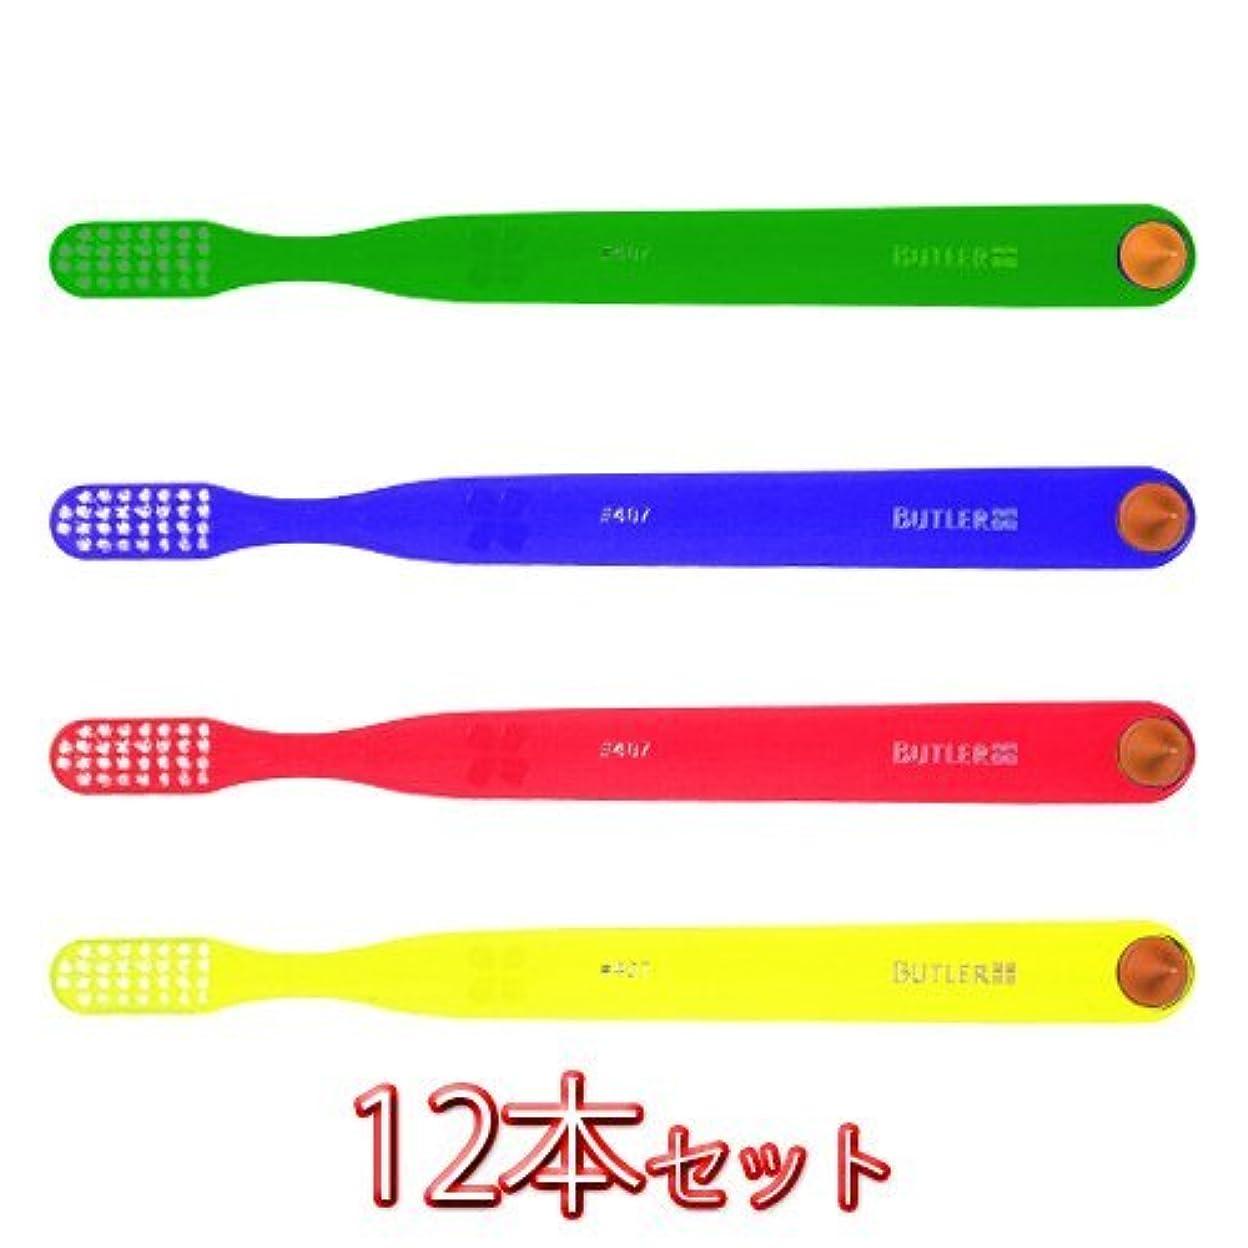 バトラー 歯ブラシ 12本入 #407